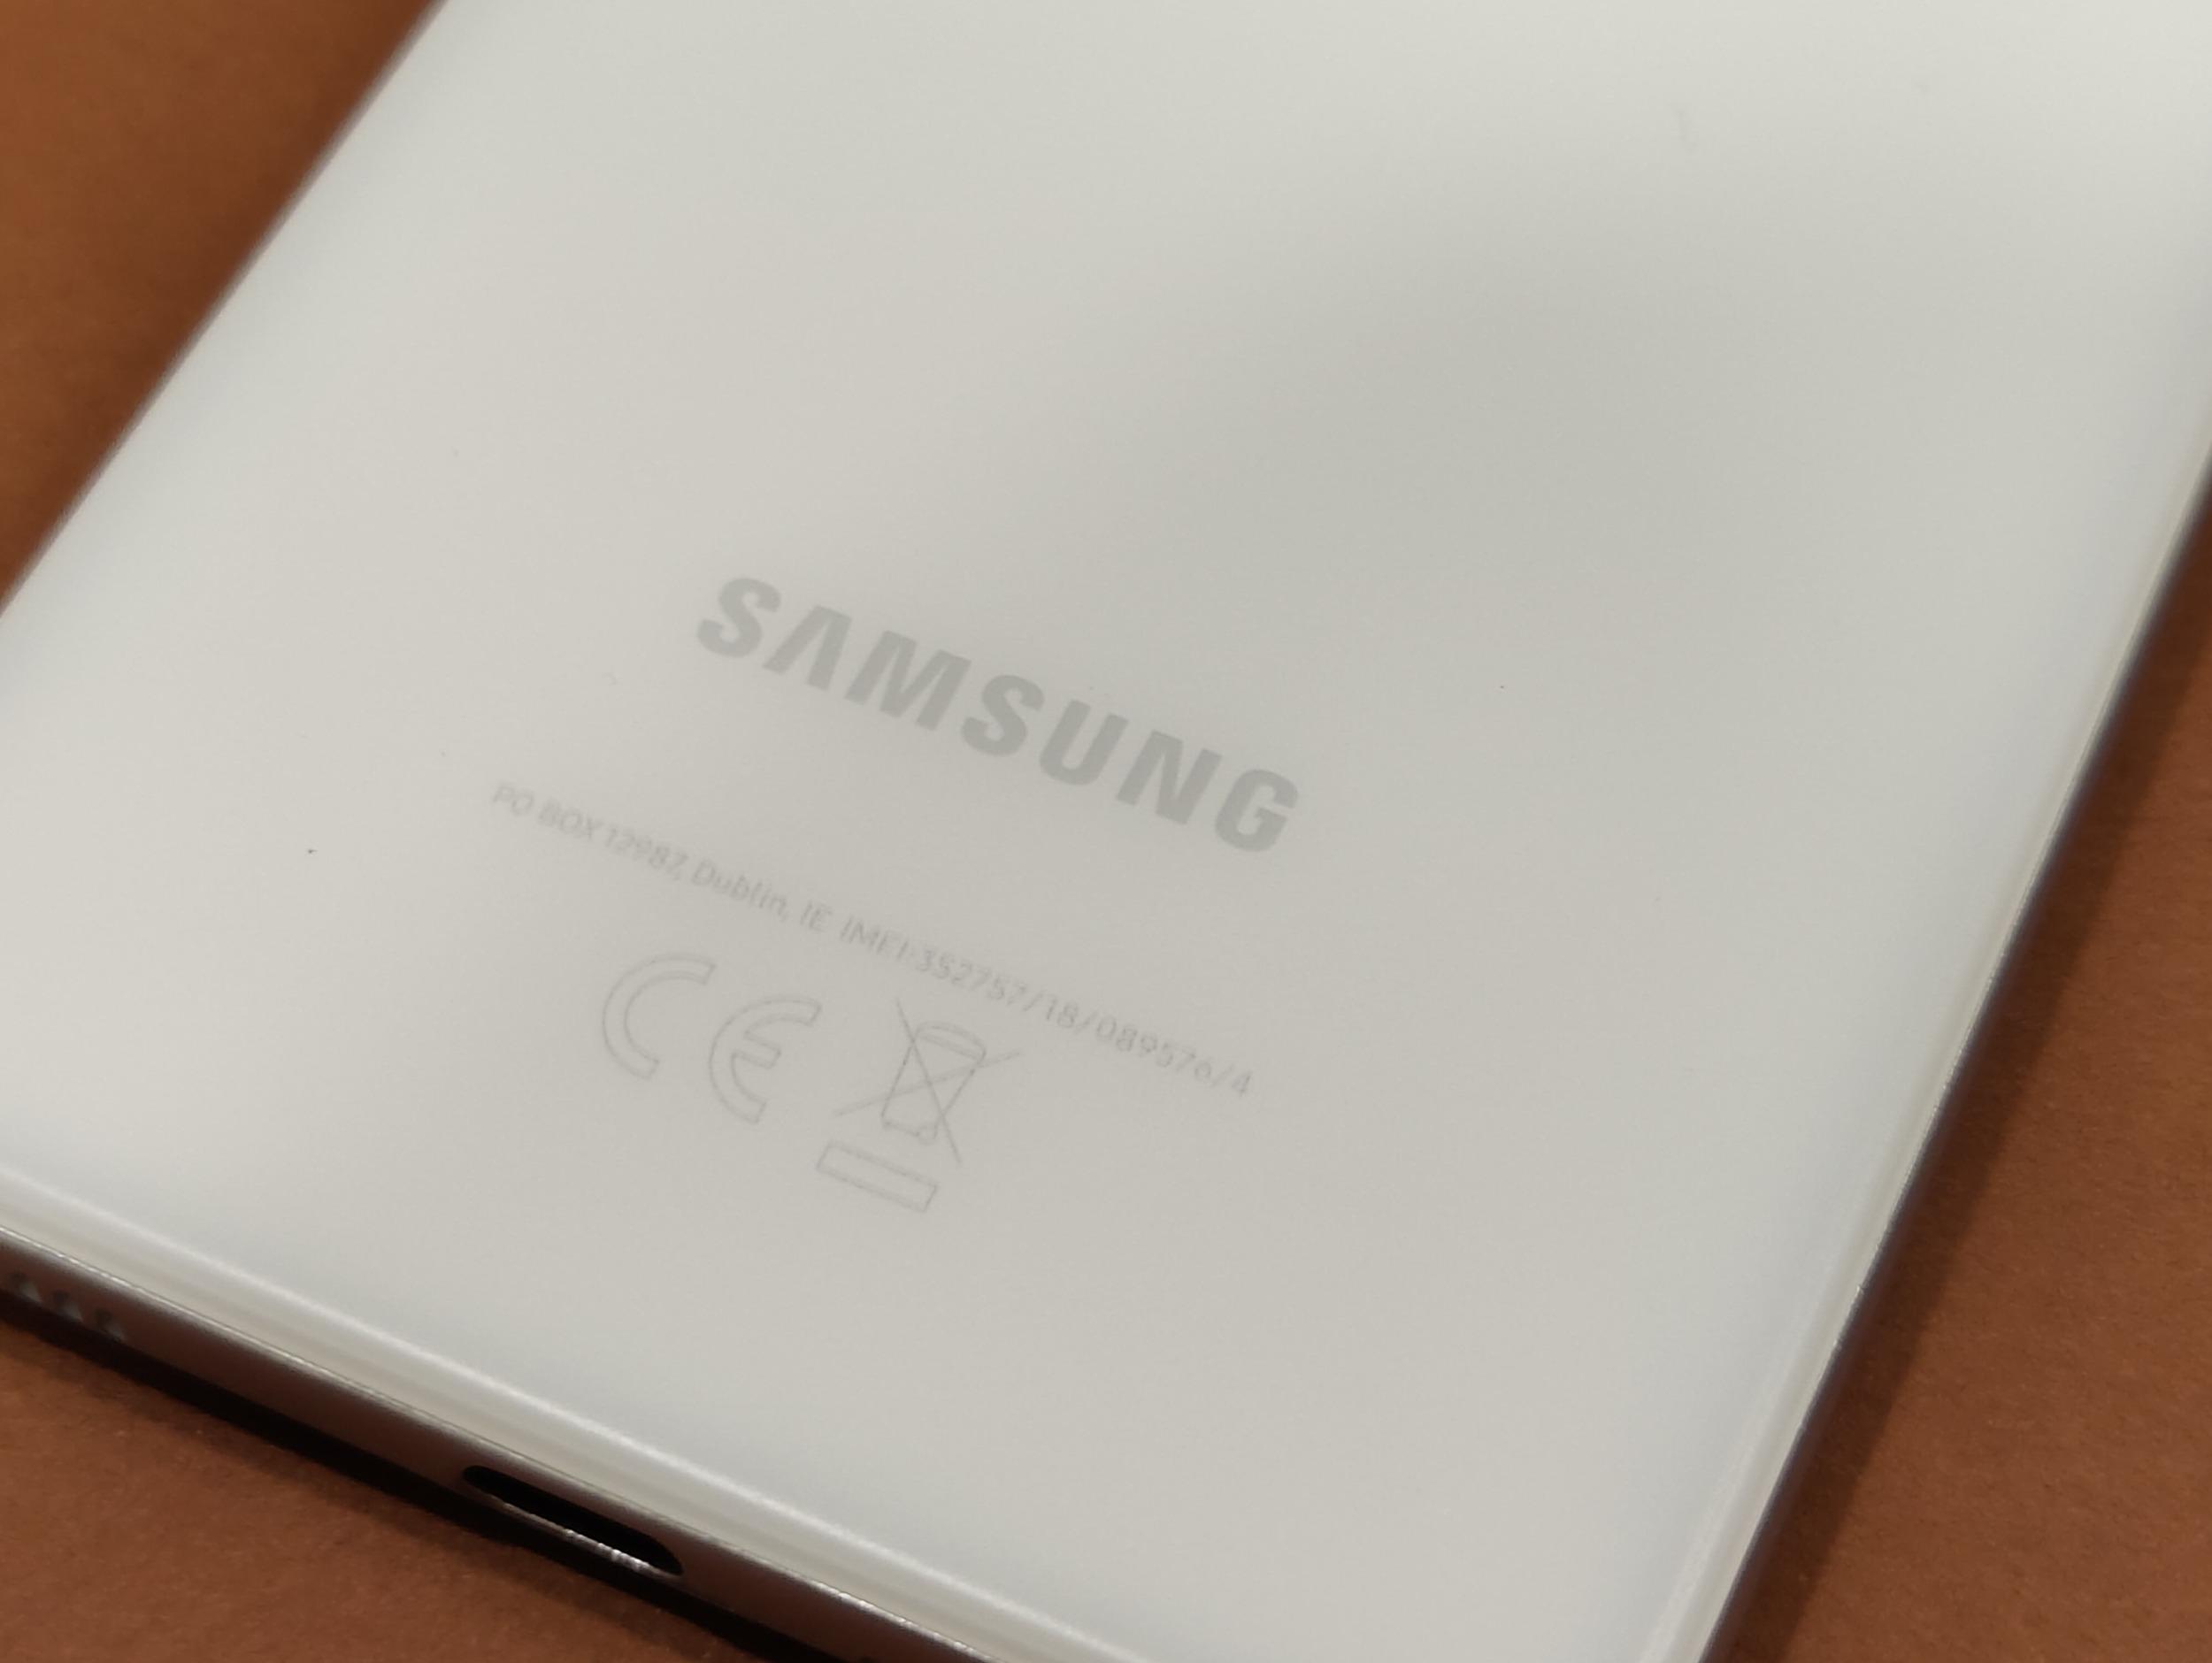 Samsung chystá velmi levný 5G telefon s 50MPx fotoaparátem